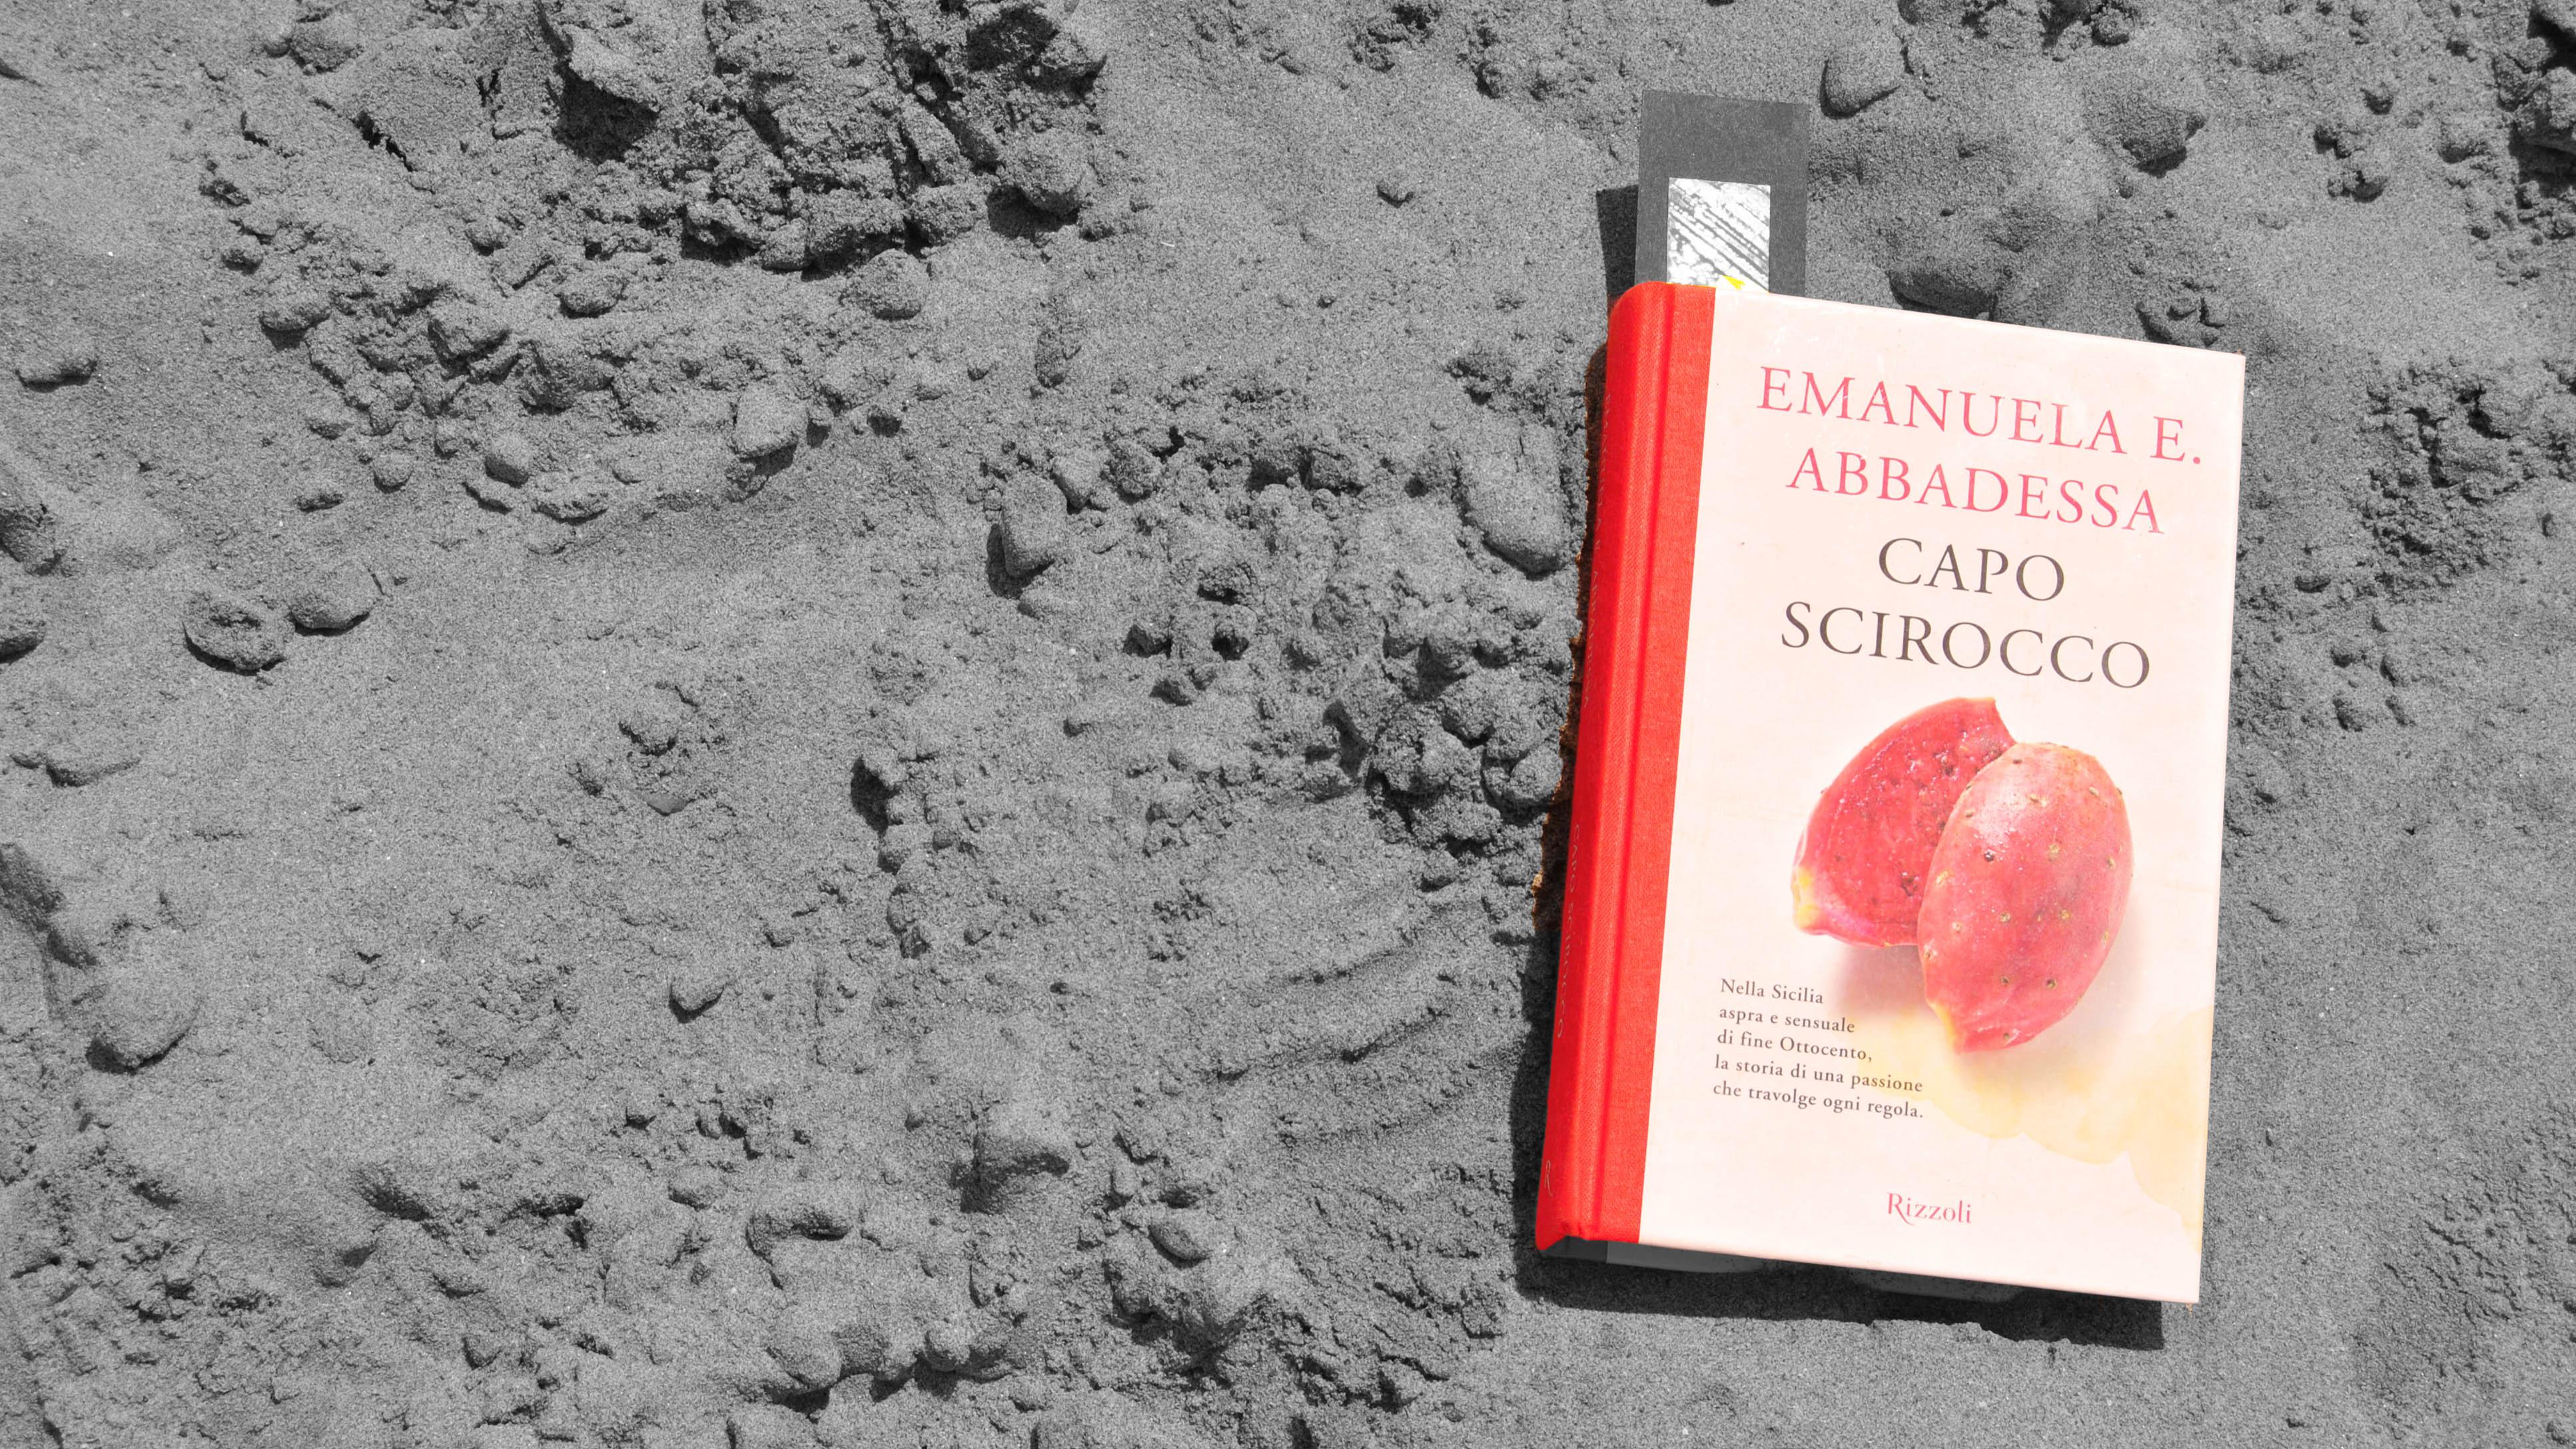 Capo Scirocco, romanzo d'esordio dell'autrice